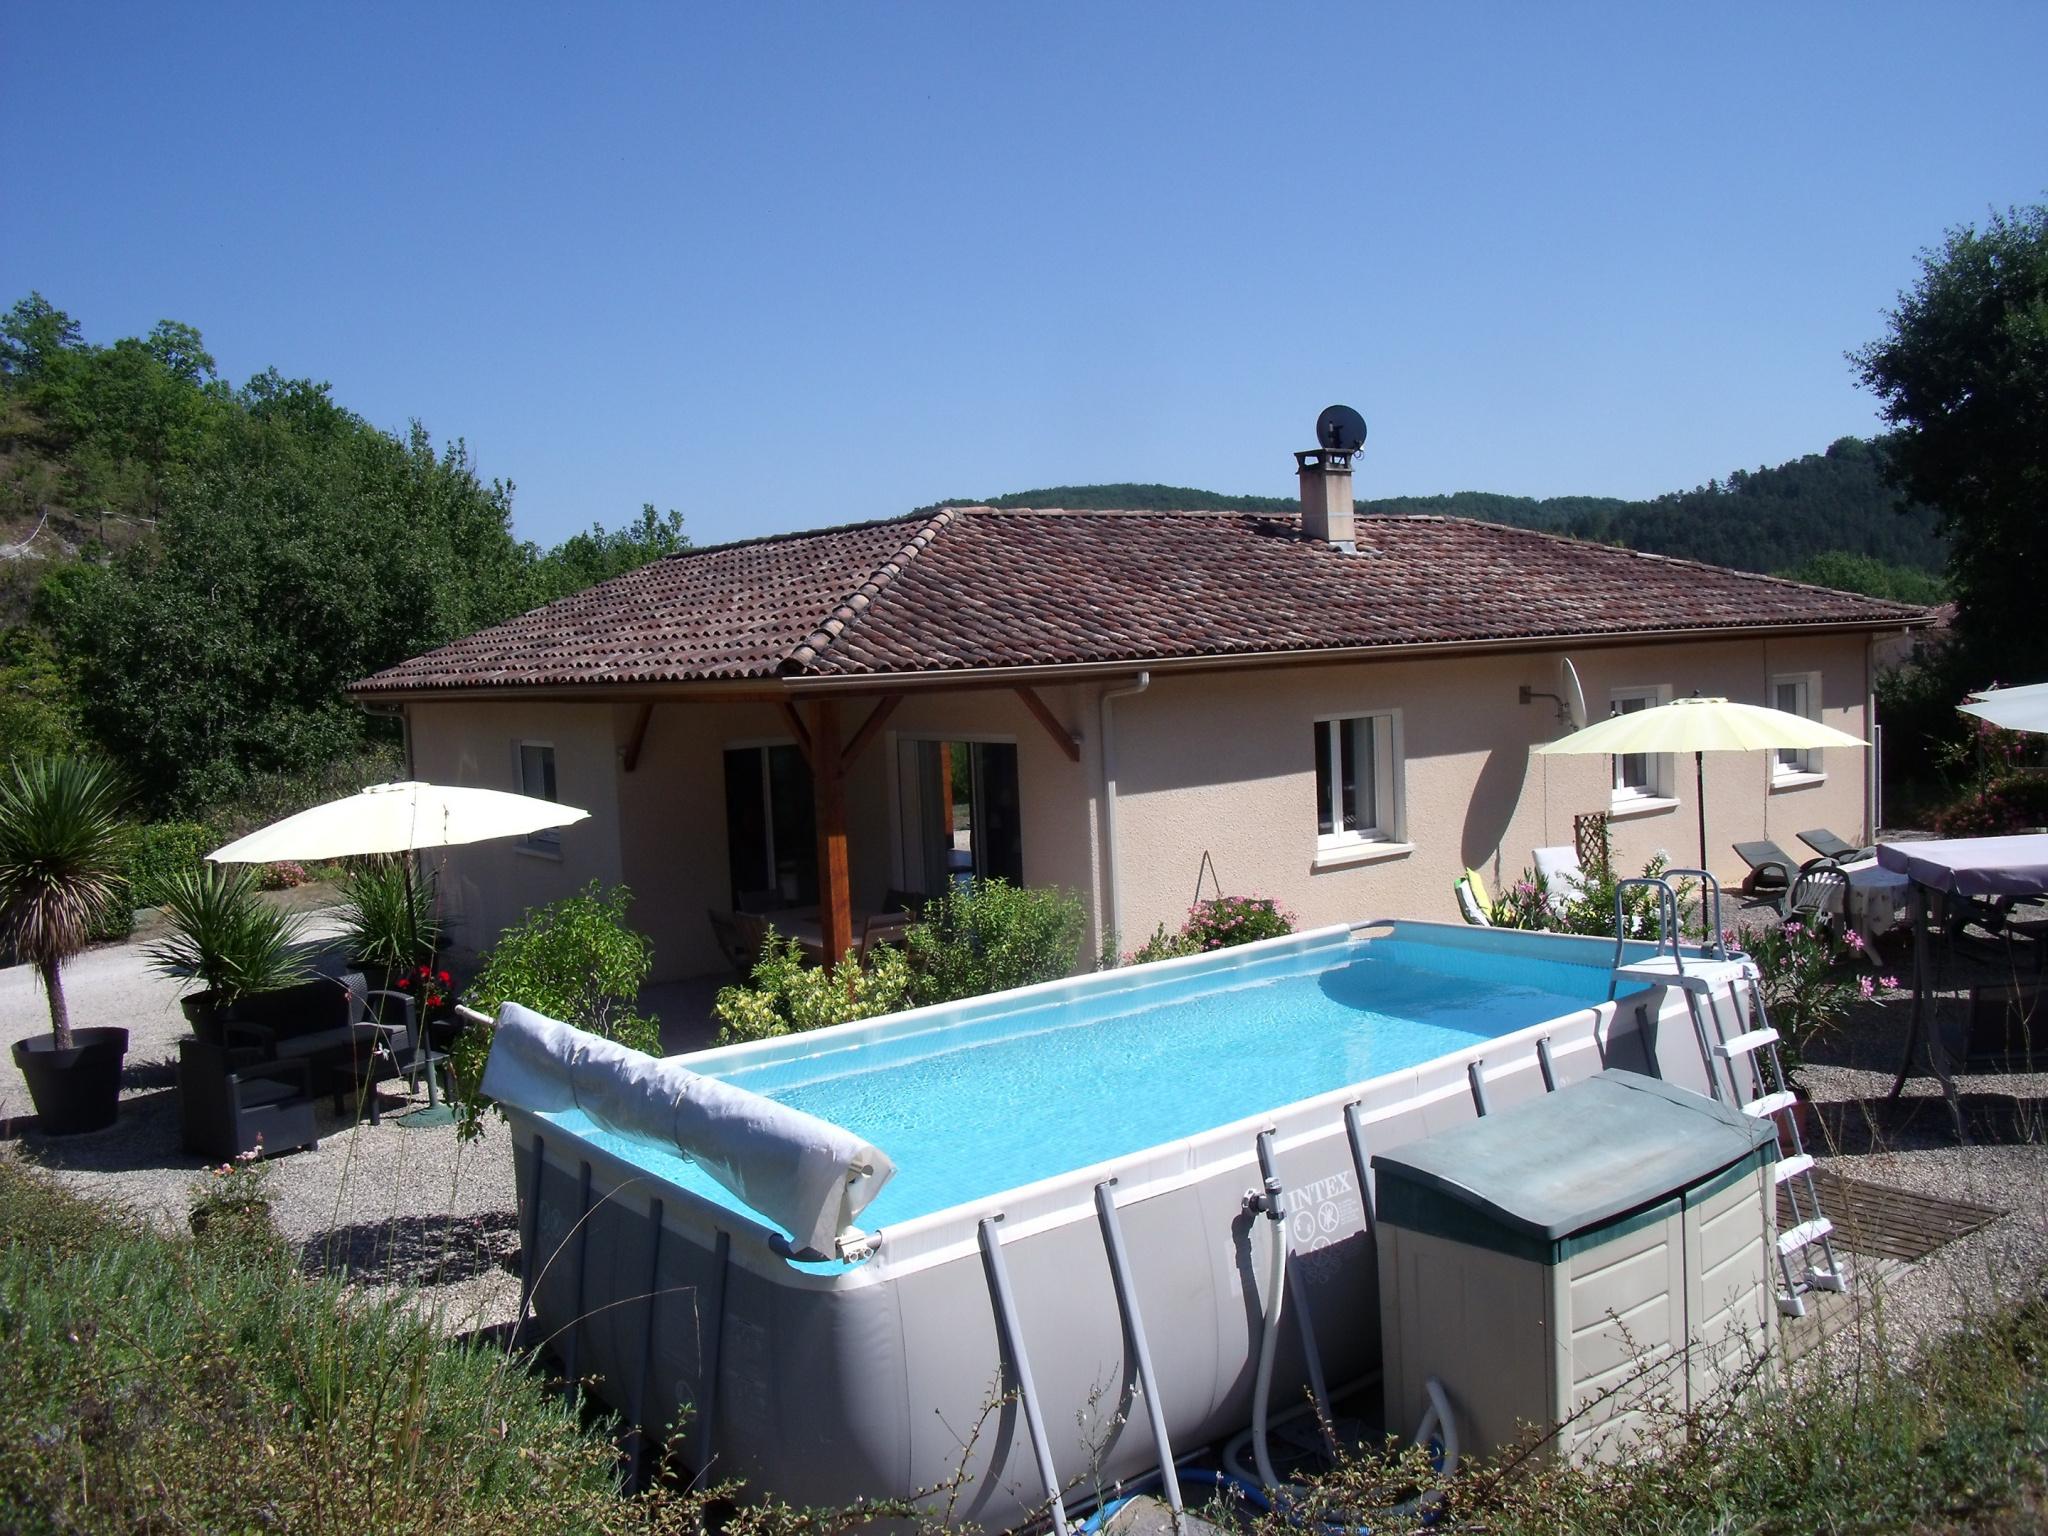 Vente maison villa maison de plain pied avec piscine hors sol - Maison hors sol ...